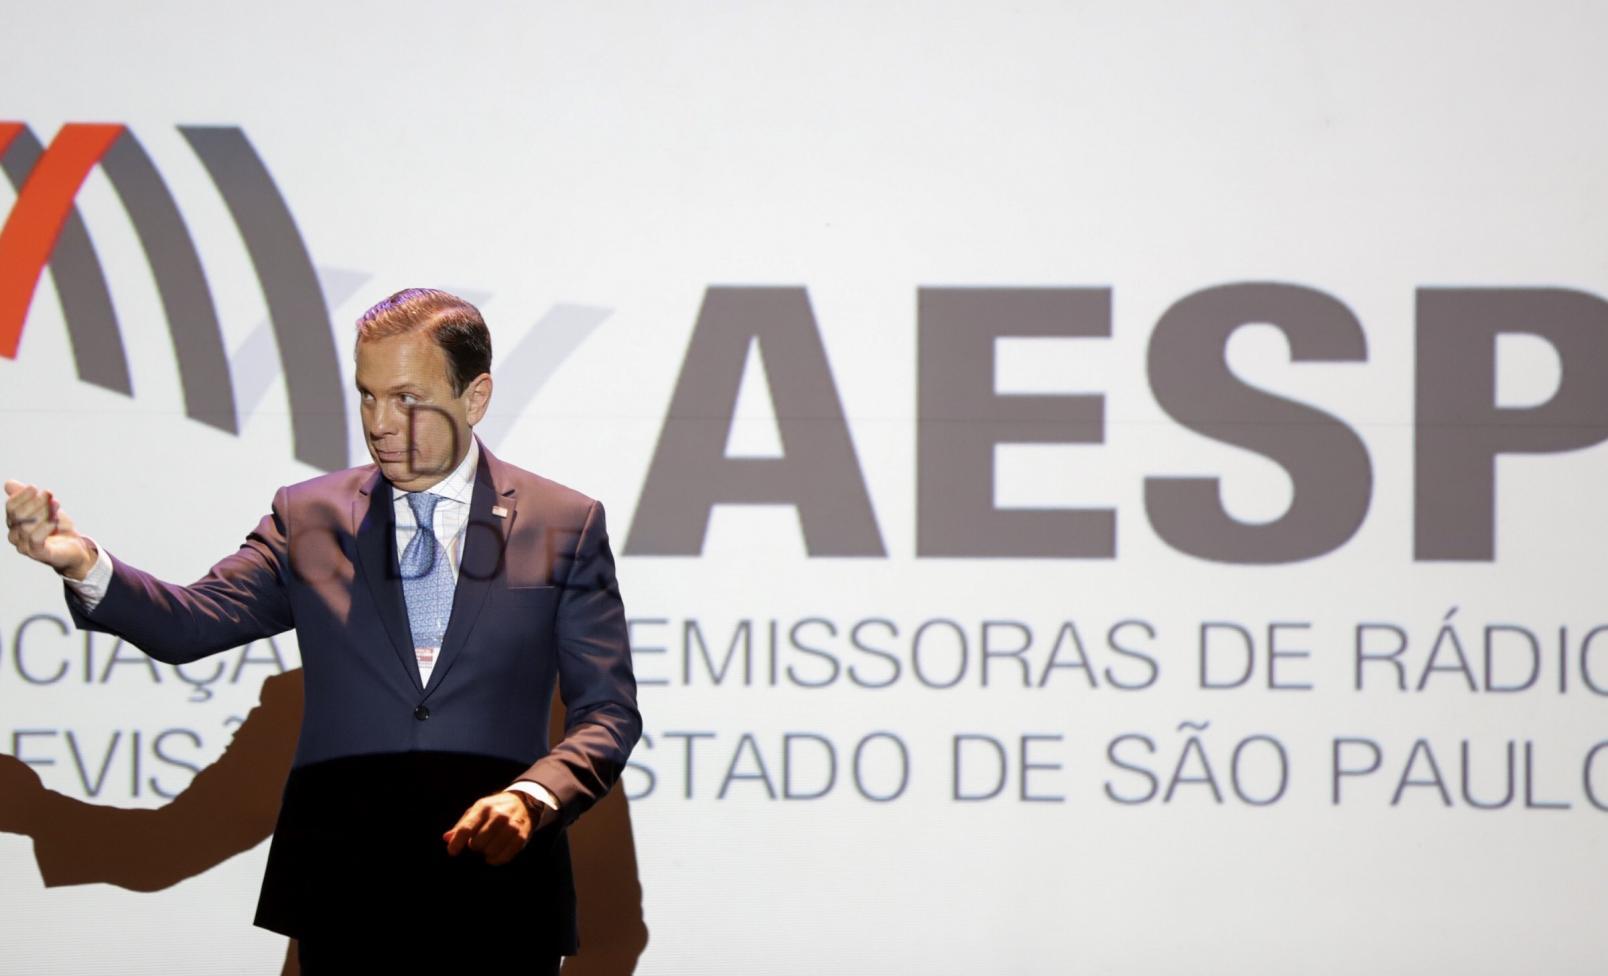 Governo de São Paulo firma parceria com Aesp para financiamento de Rádios e TVs do Estado